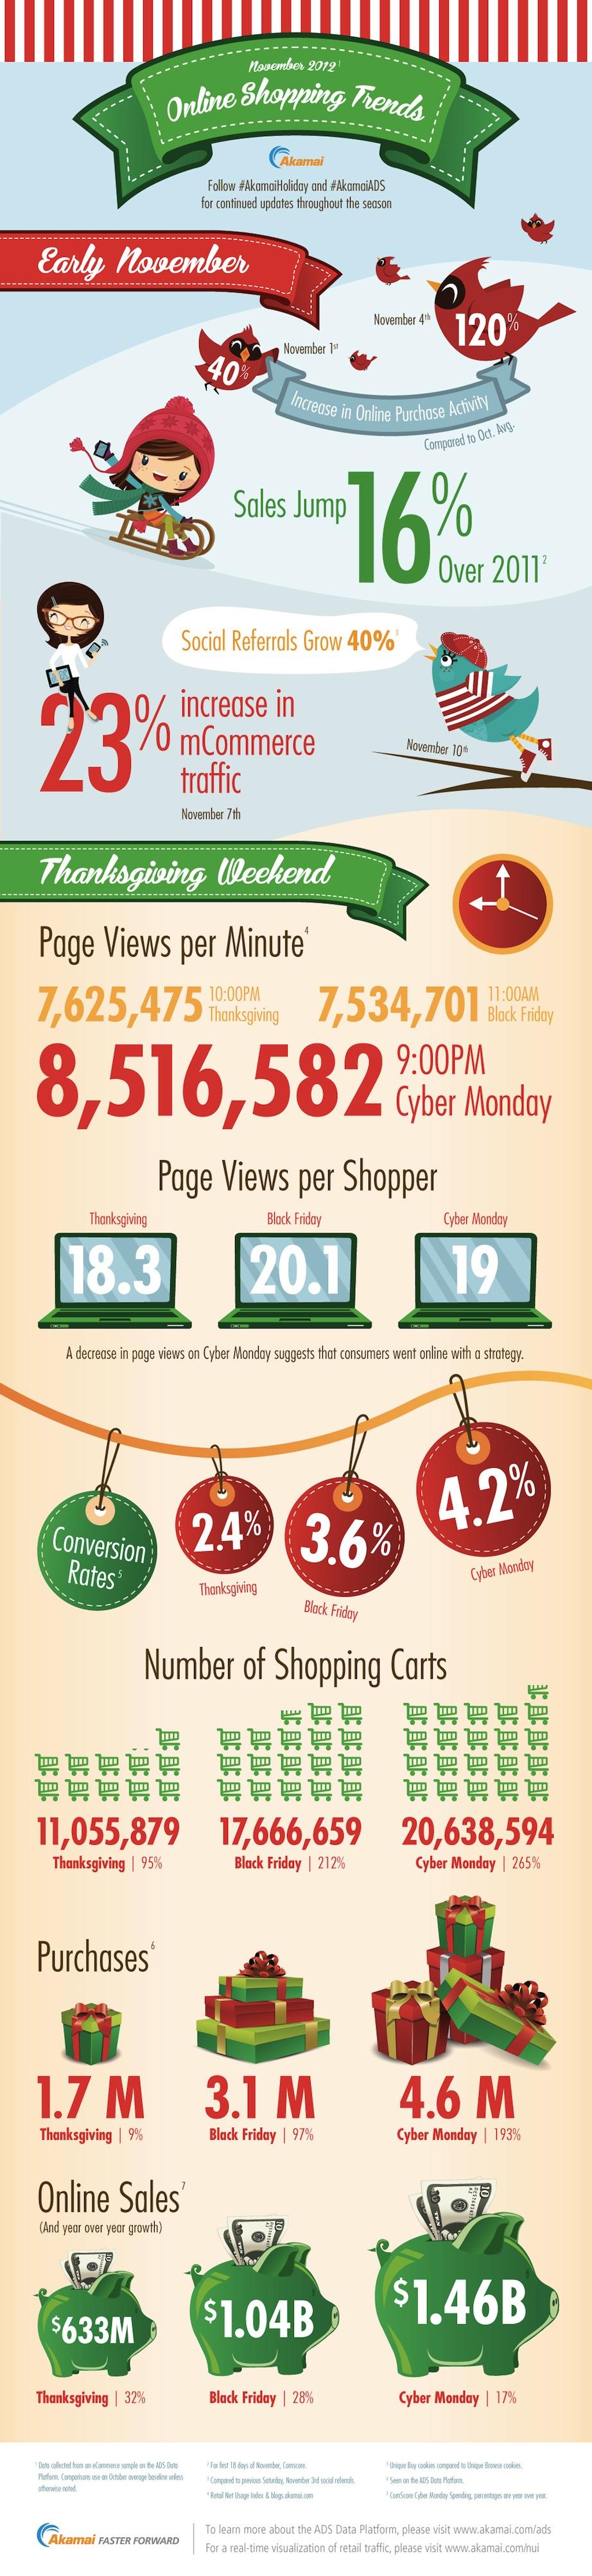 November 2012 Online shopping trends